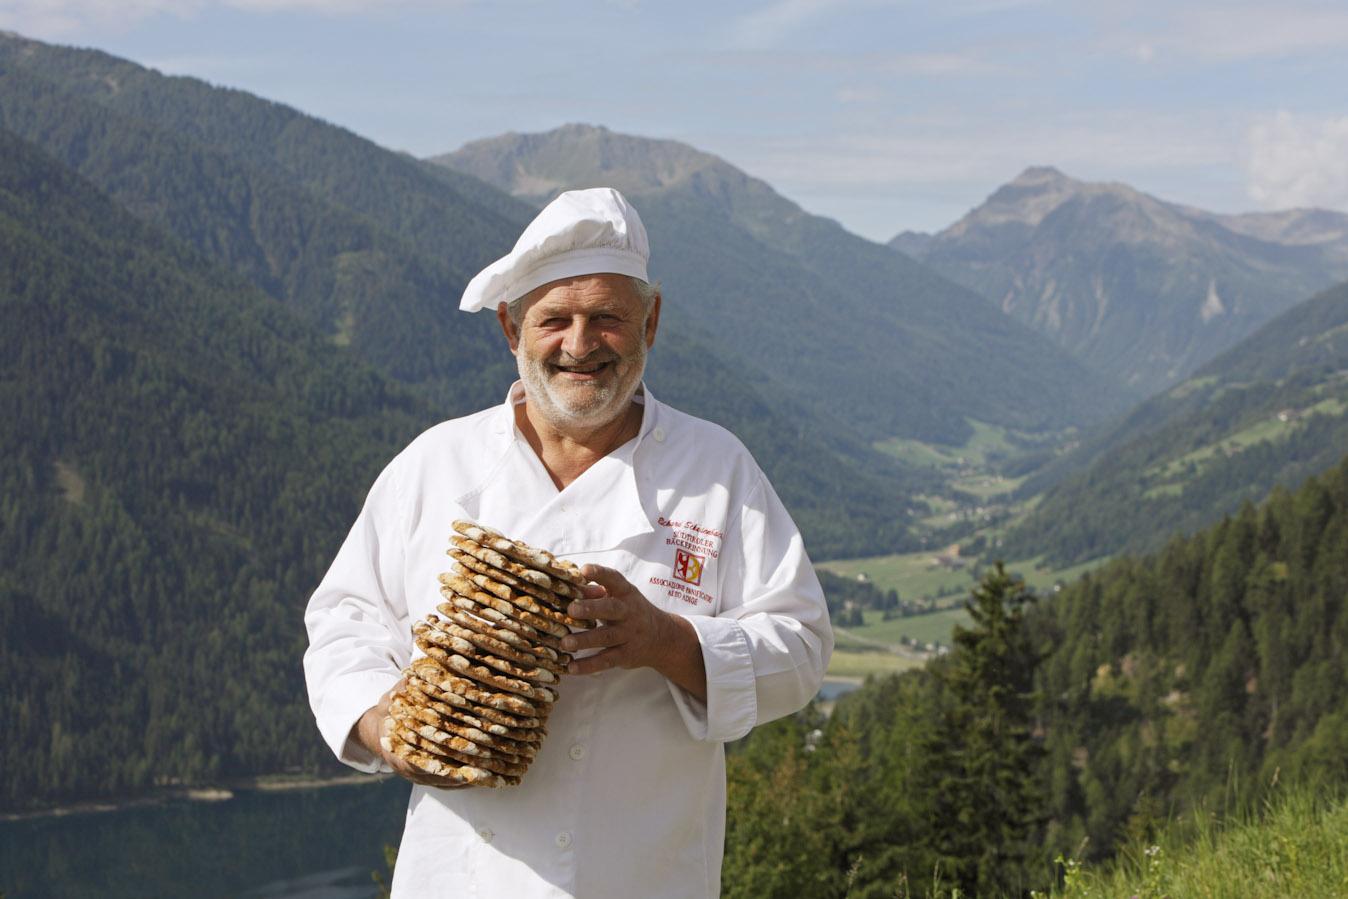 Ultner Brot